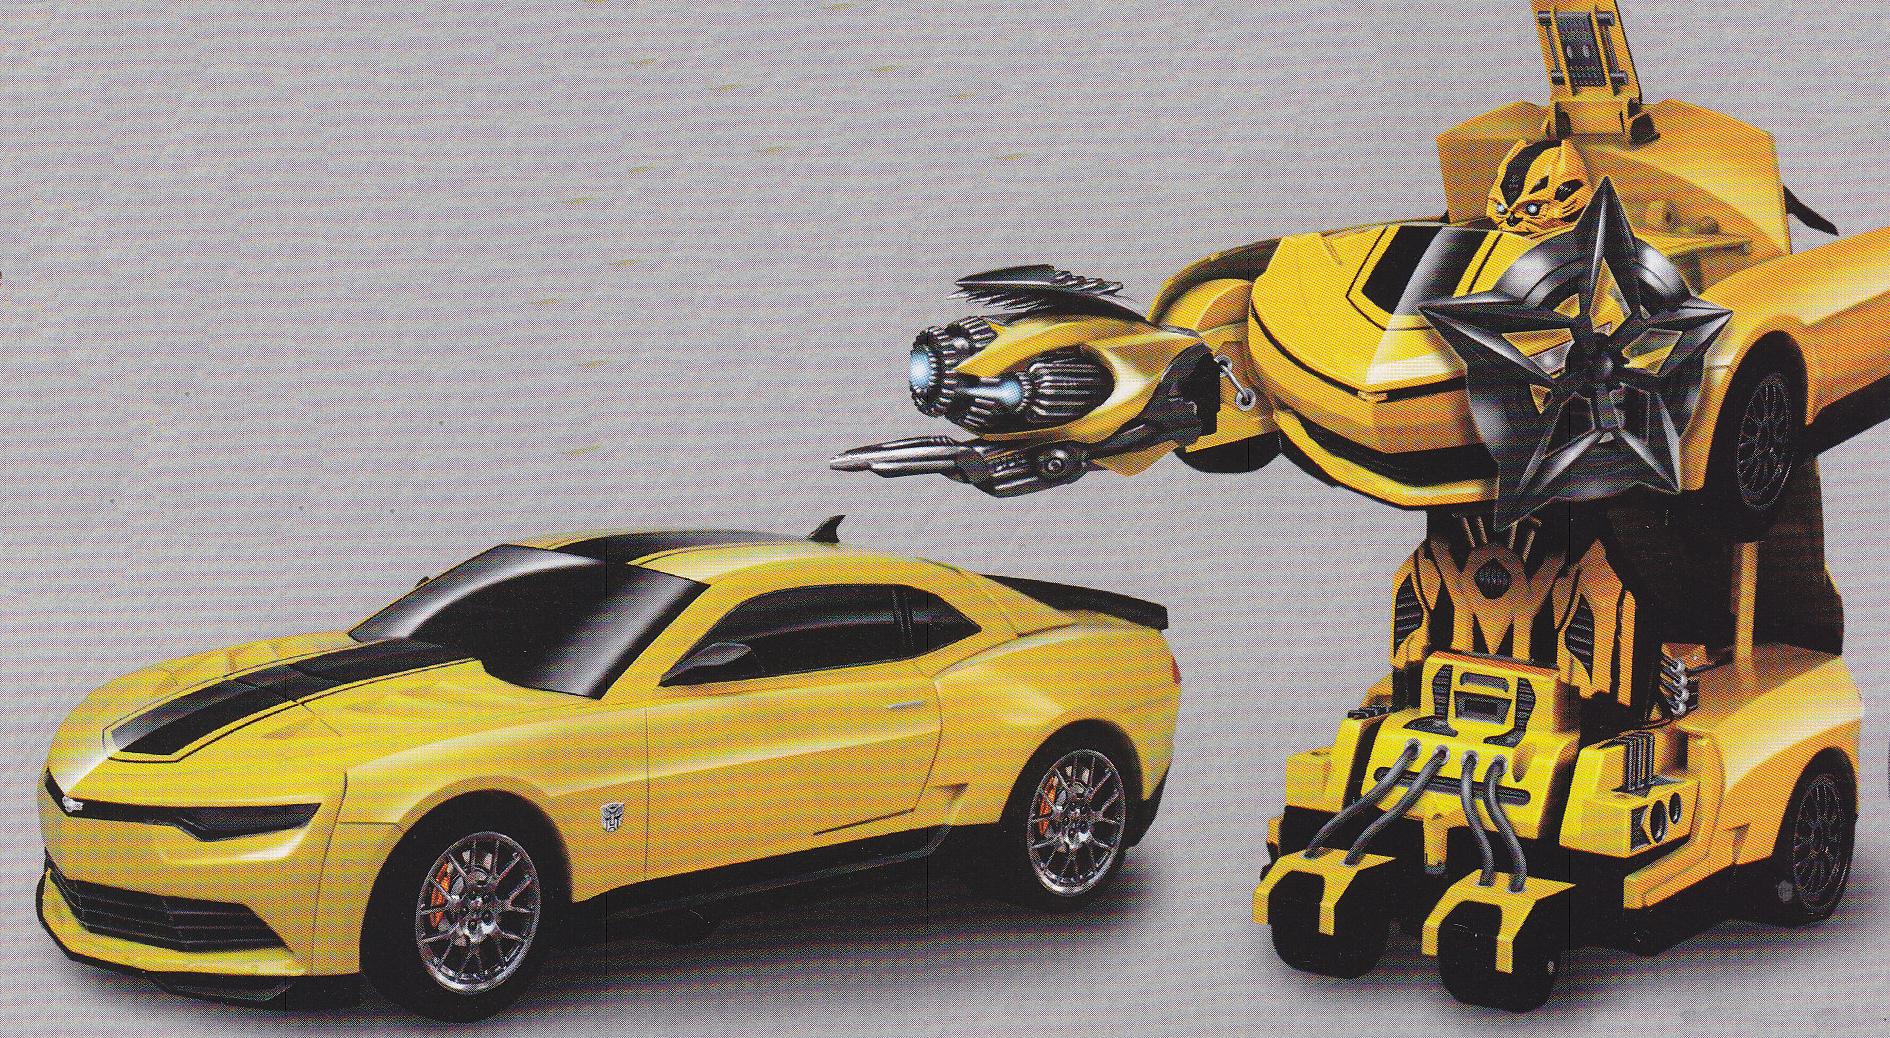 Rc transformers bumblebee eine neue Ära kann beginnen